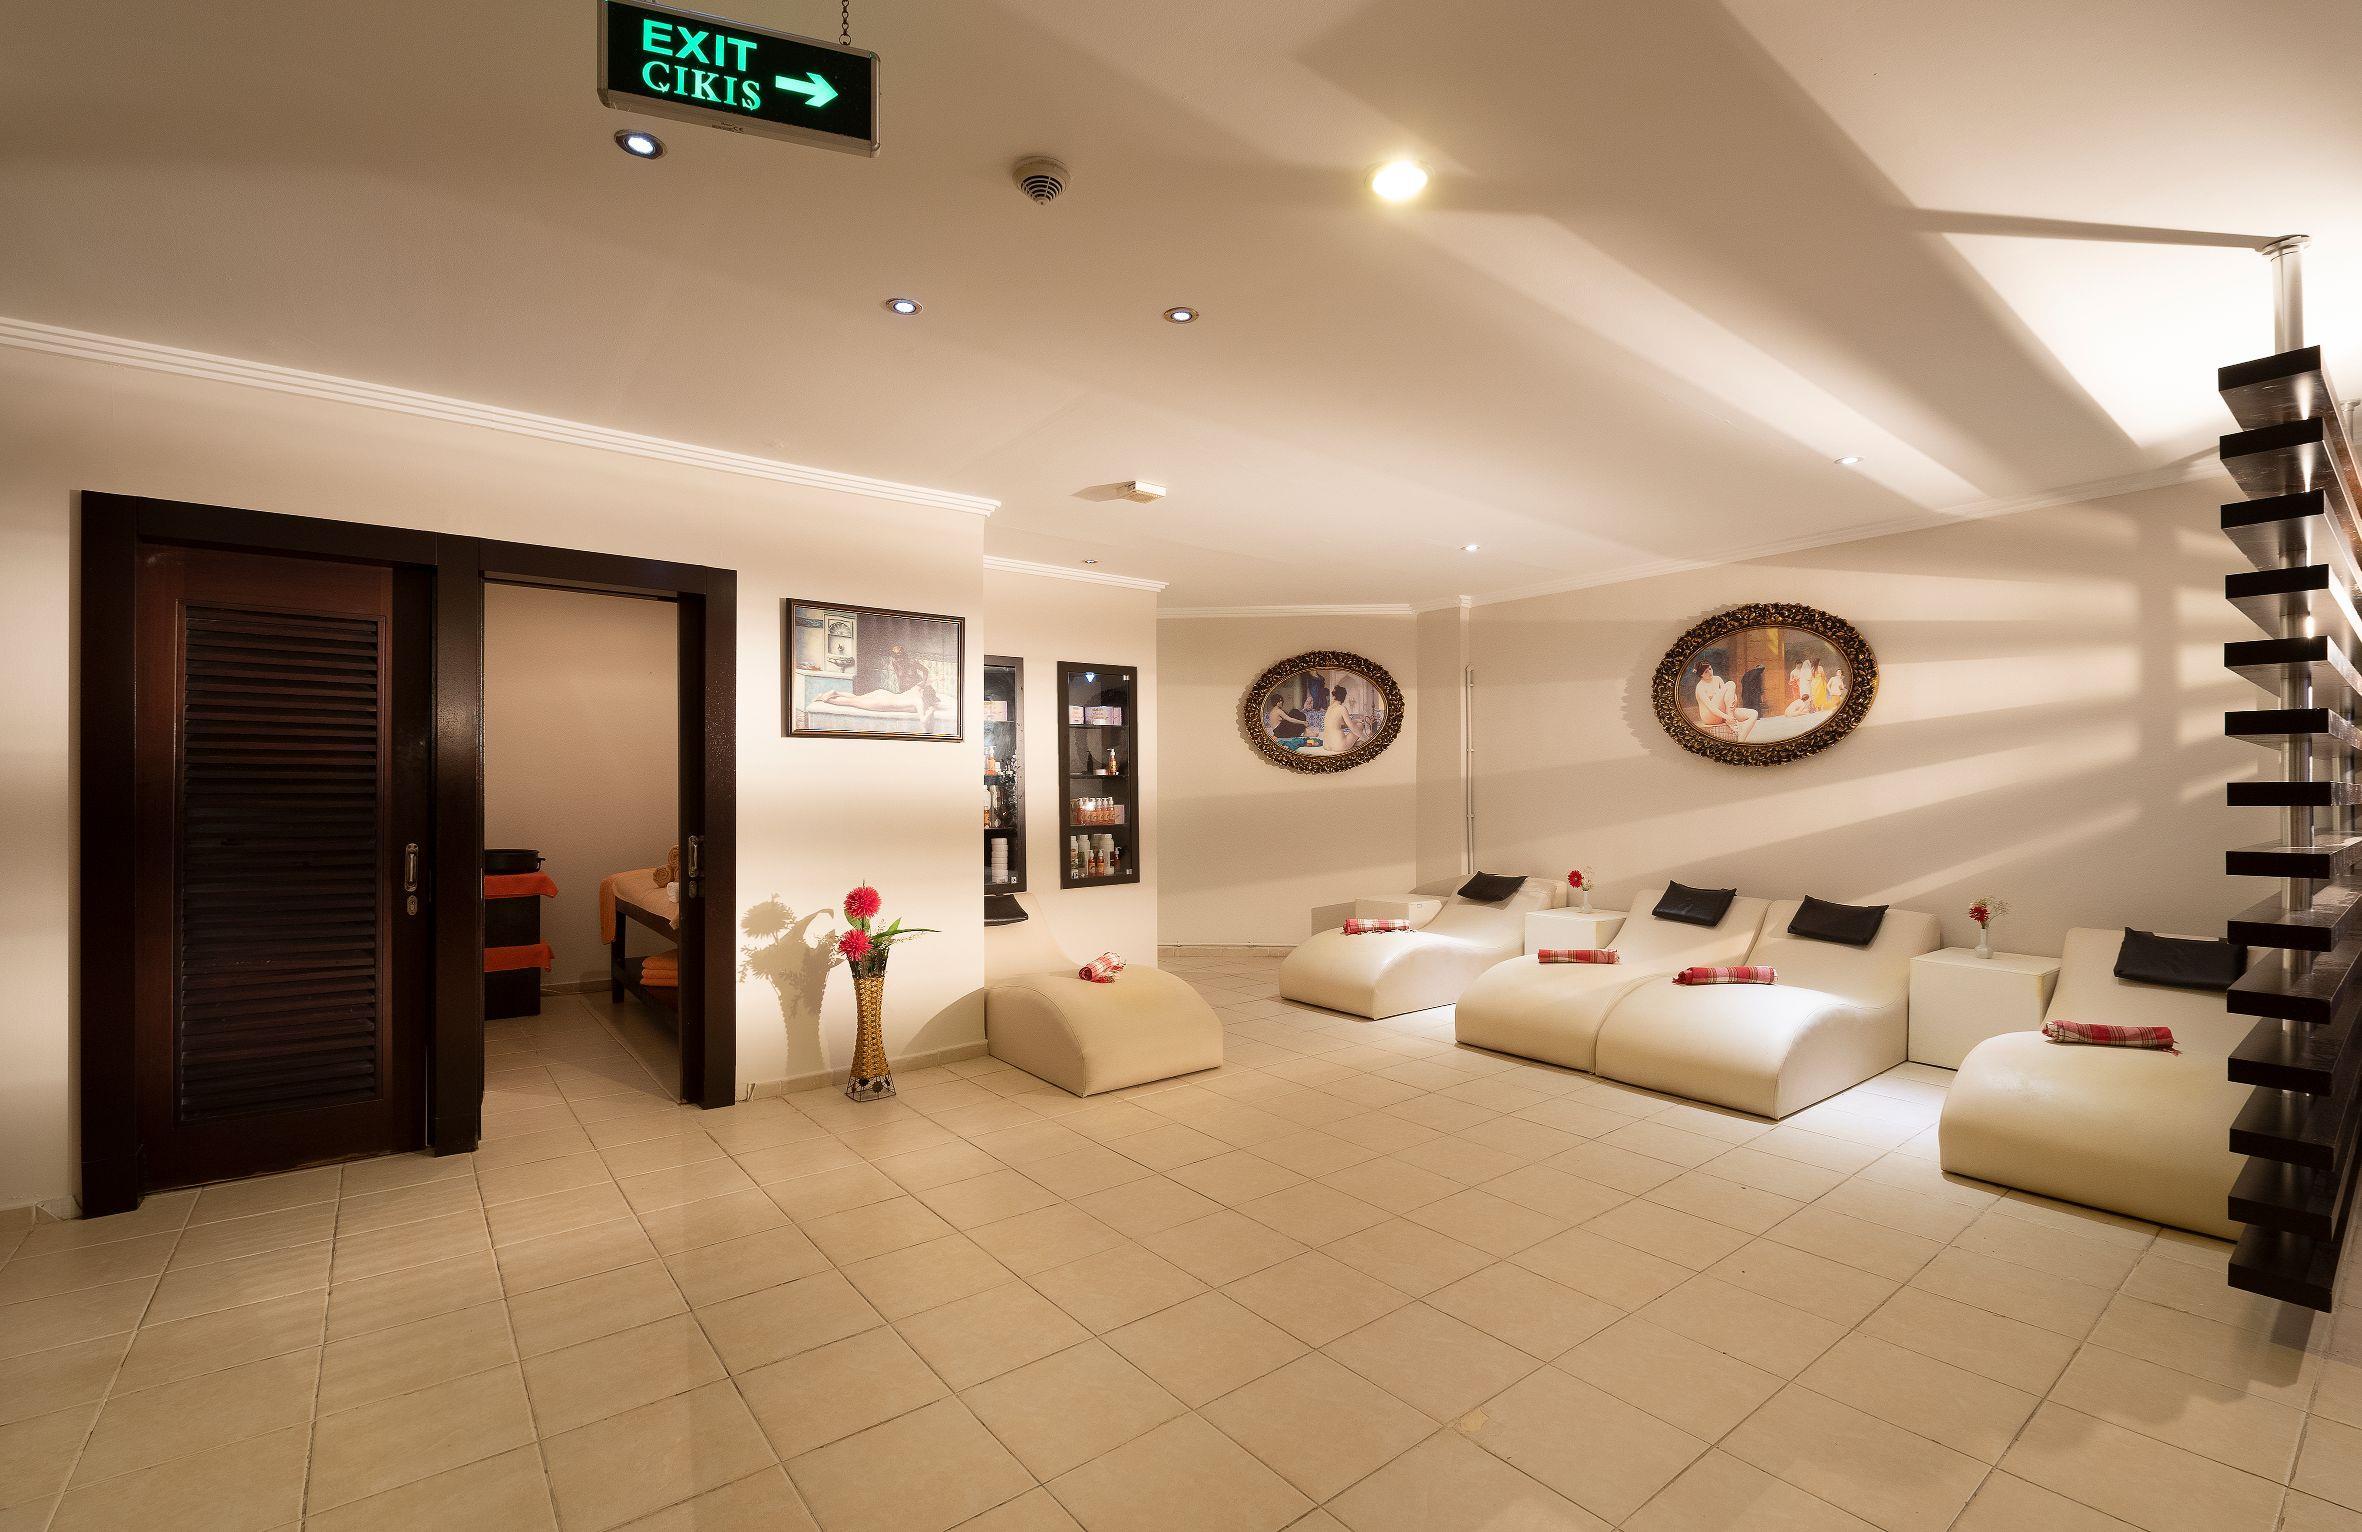 http://www.orextravel.sk/OREX/hotelphotos/miramare-queen-hotel-general-0086.jpg